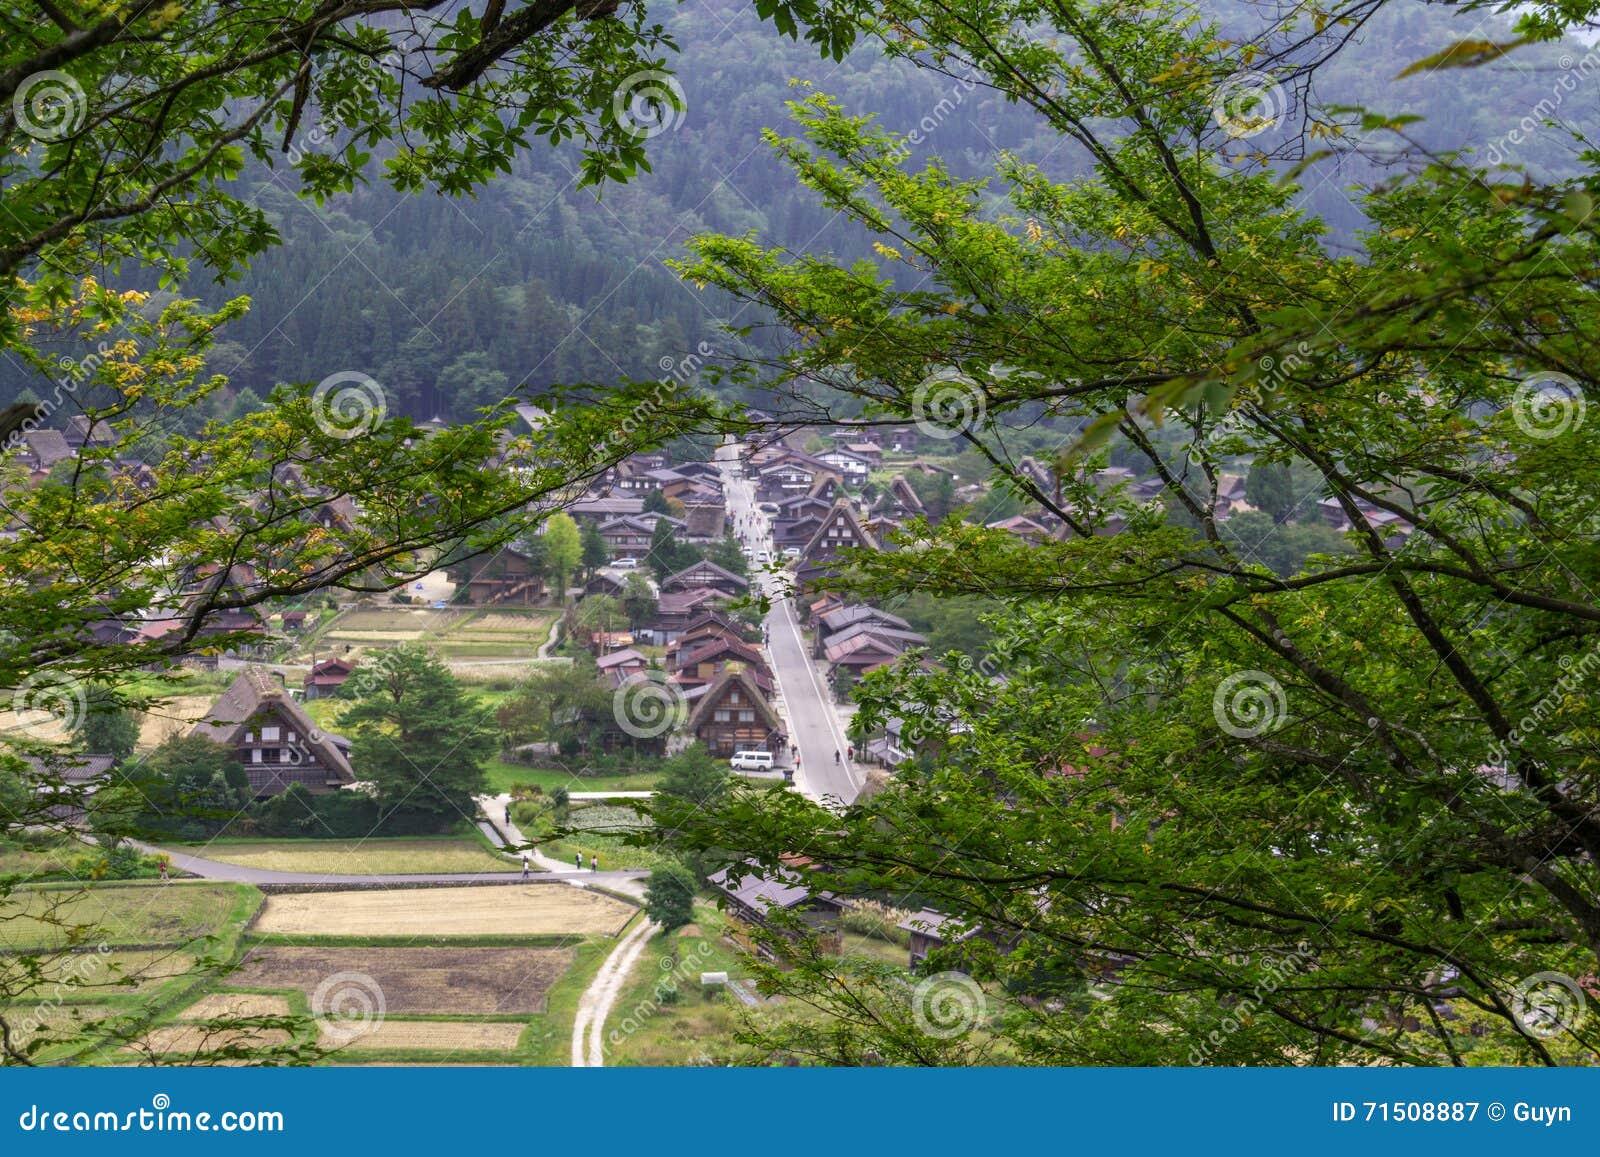 Case tradizionali giapponesi: visita di shirakawa go il villaggio ...